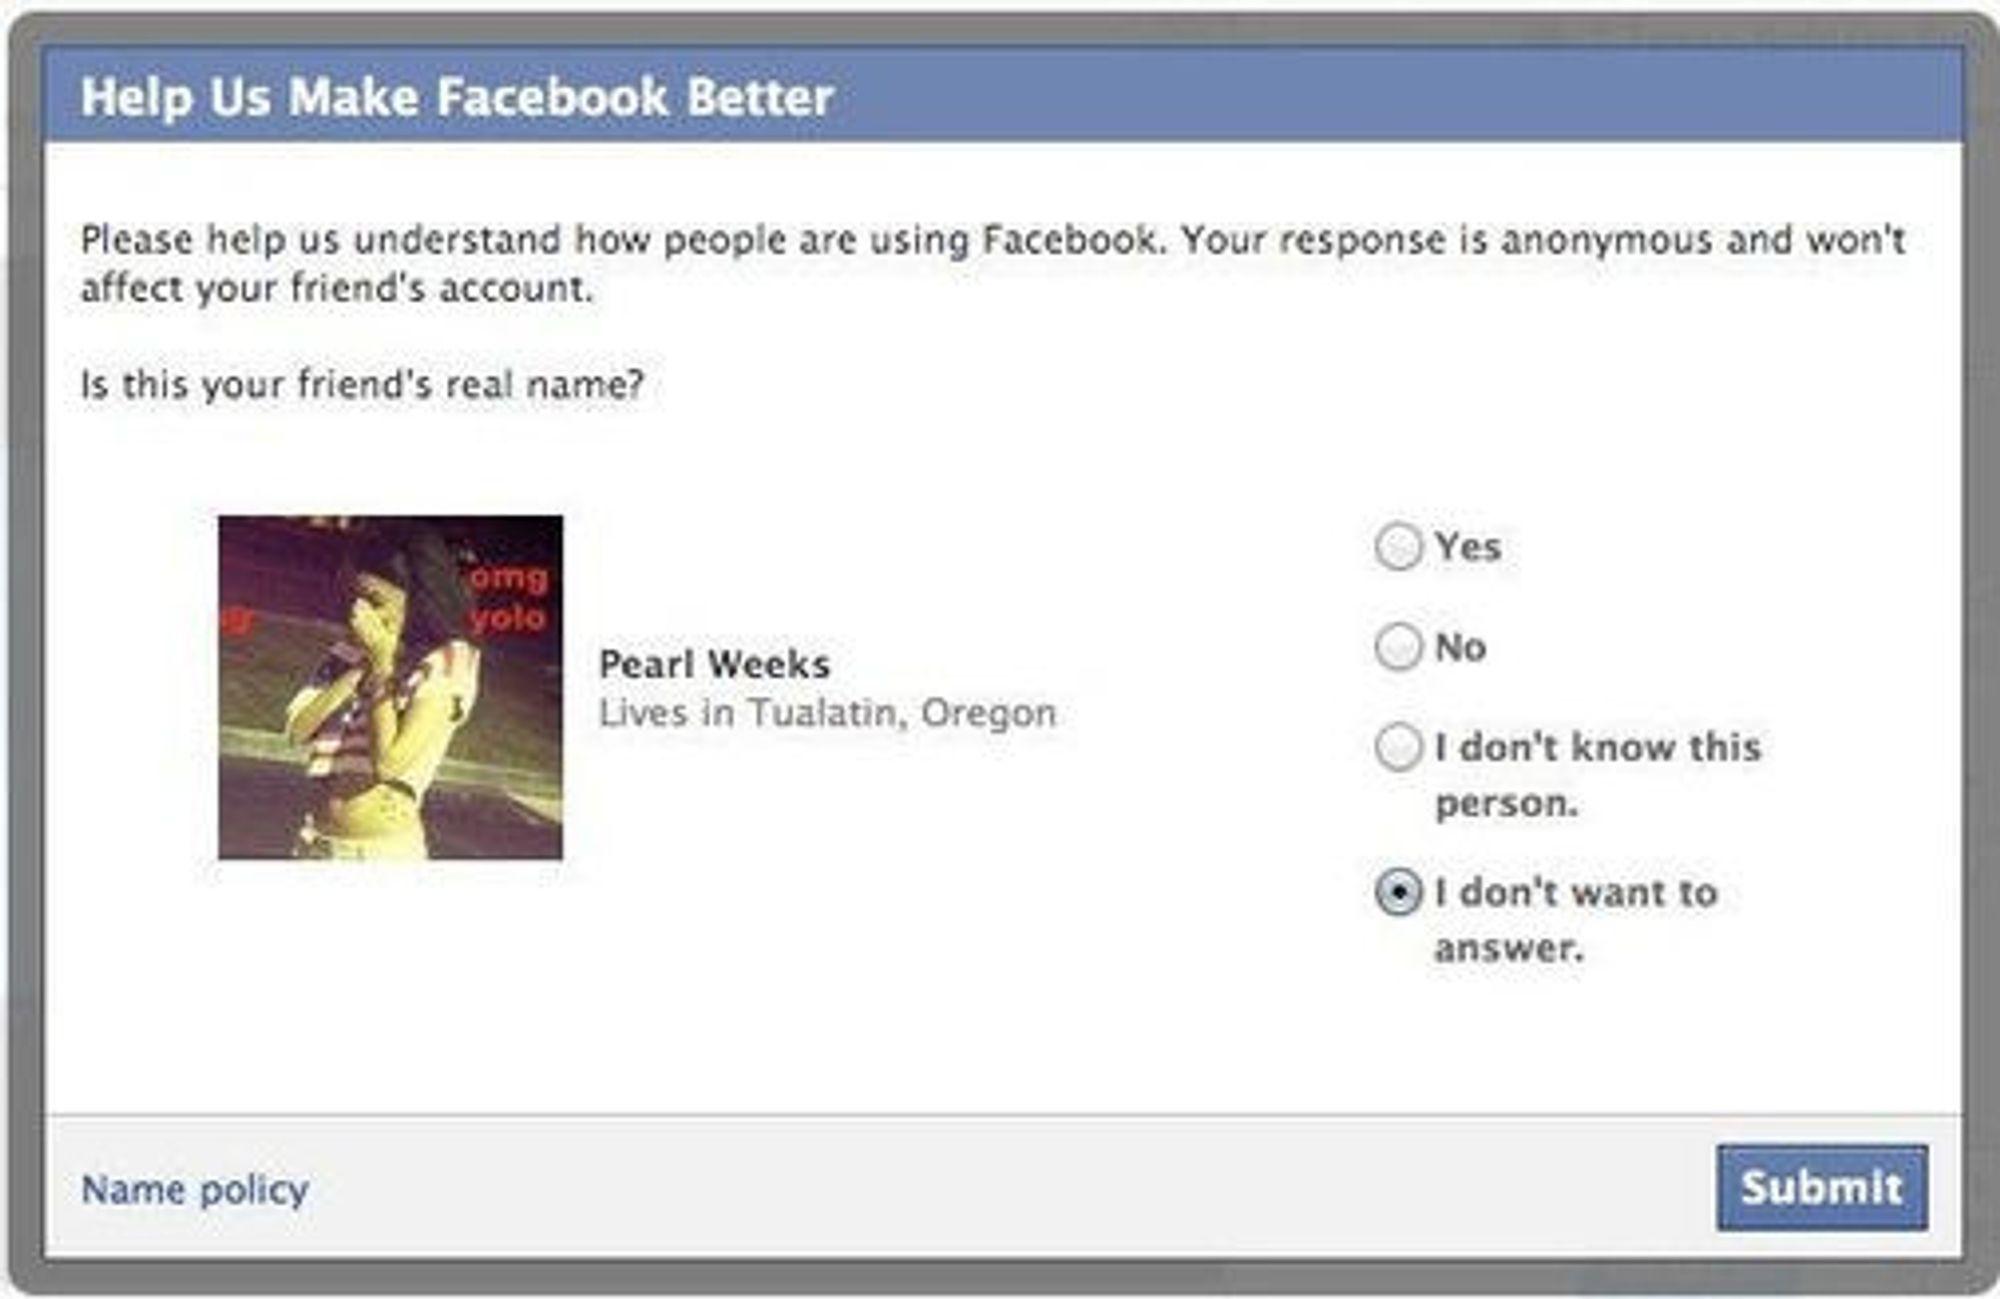 Som skjermbildet viser har Facebook laget en funksjon hvor de ber brukere avsløre venner som ikke benytter sitt virkelige navn.